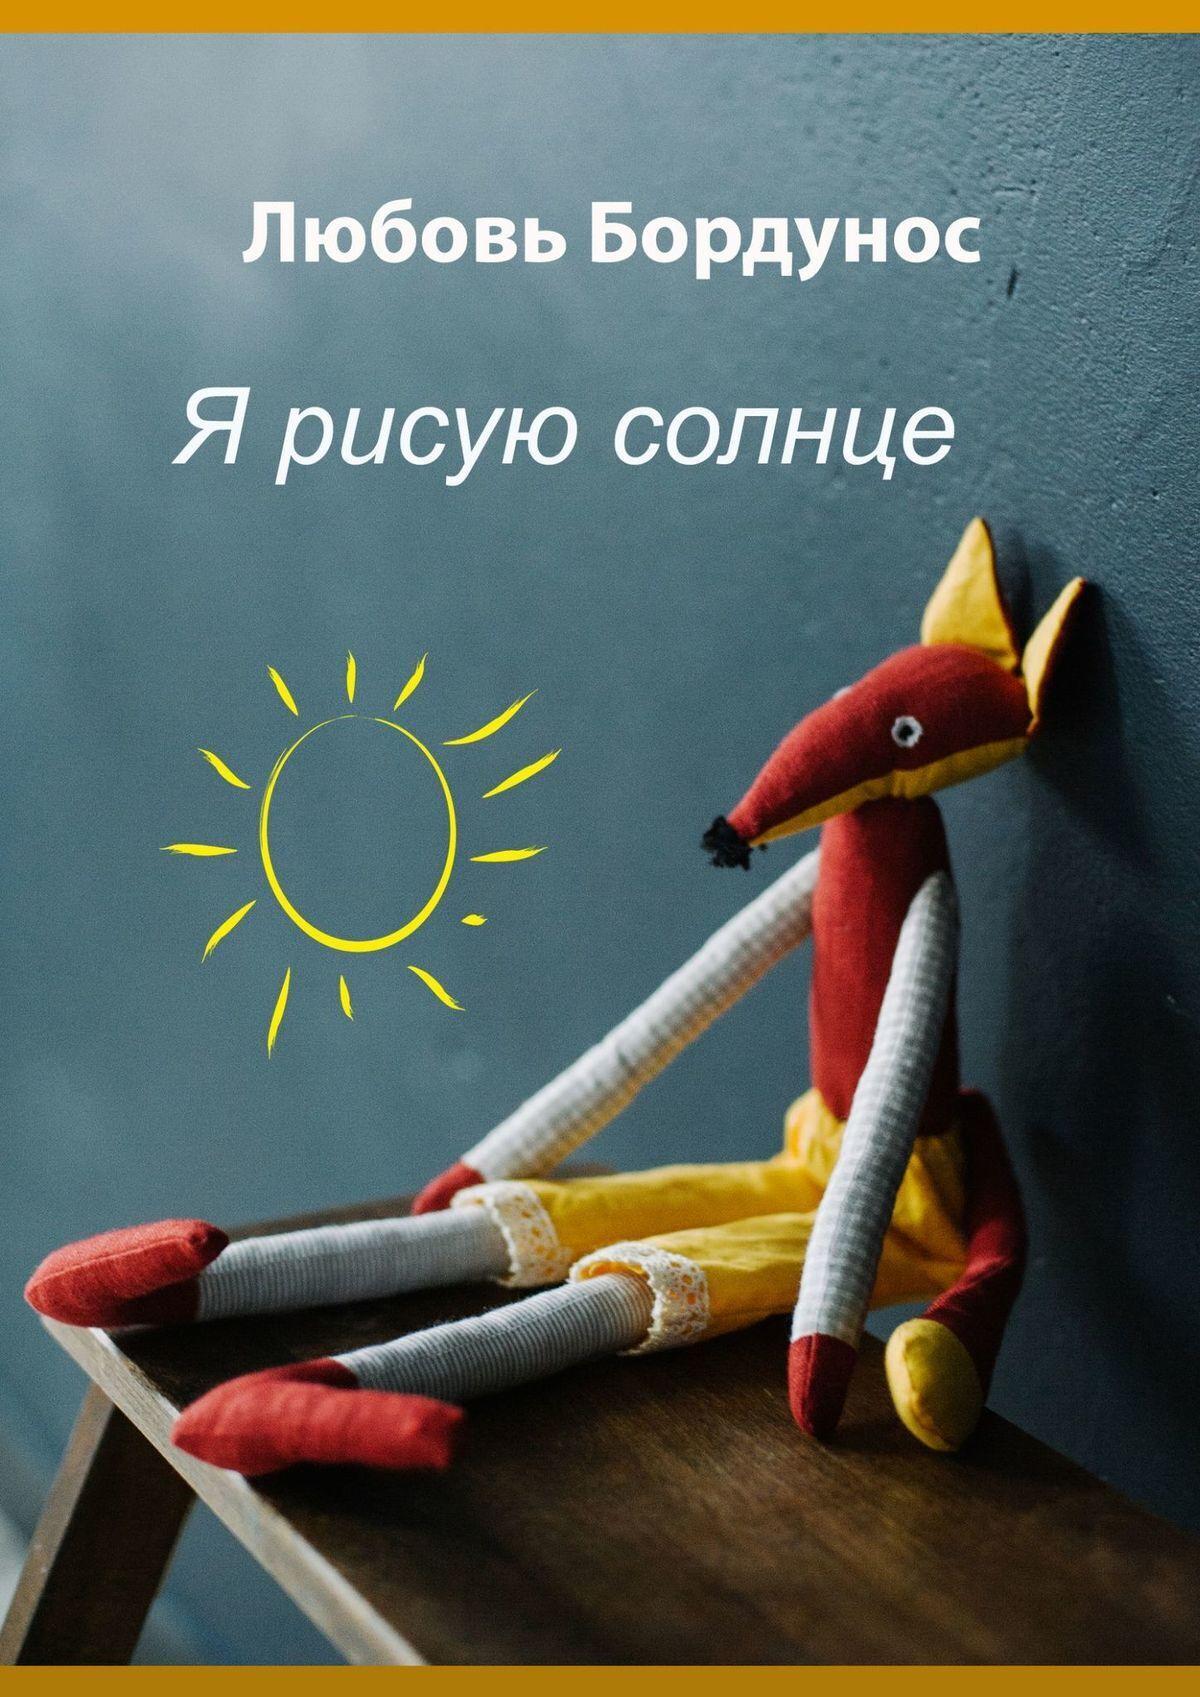 Фото - Любовь Бордунос Я рисую солнце. Стихи для детей и родителей фотоальбомы